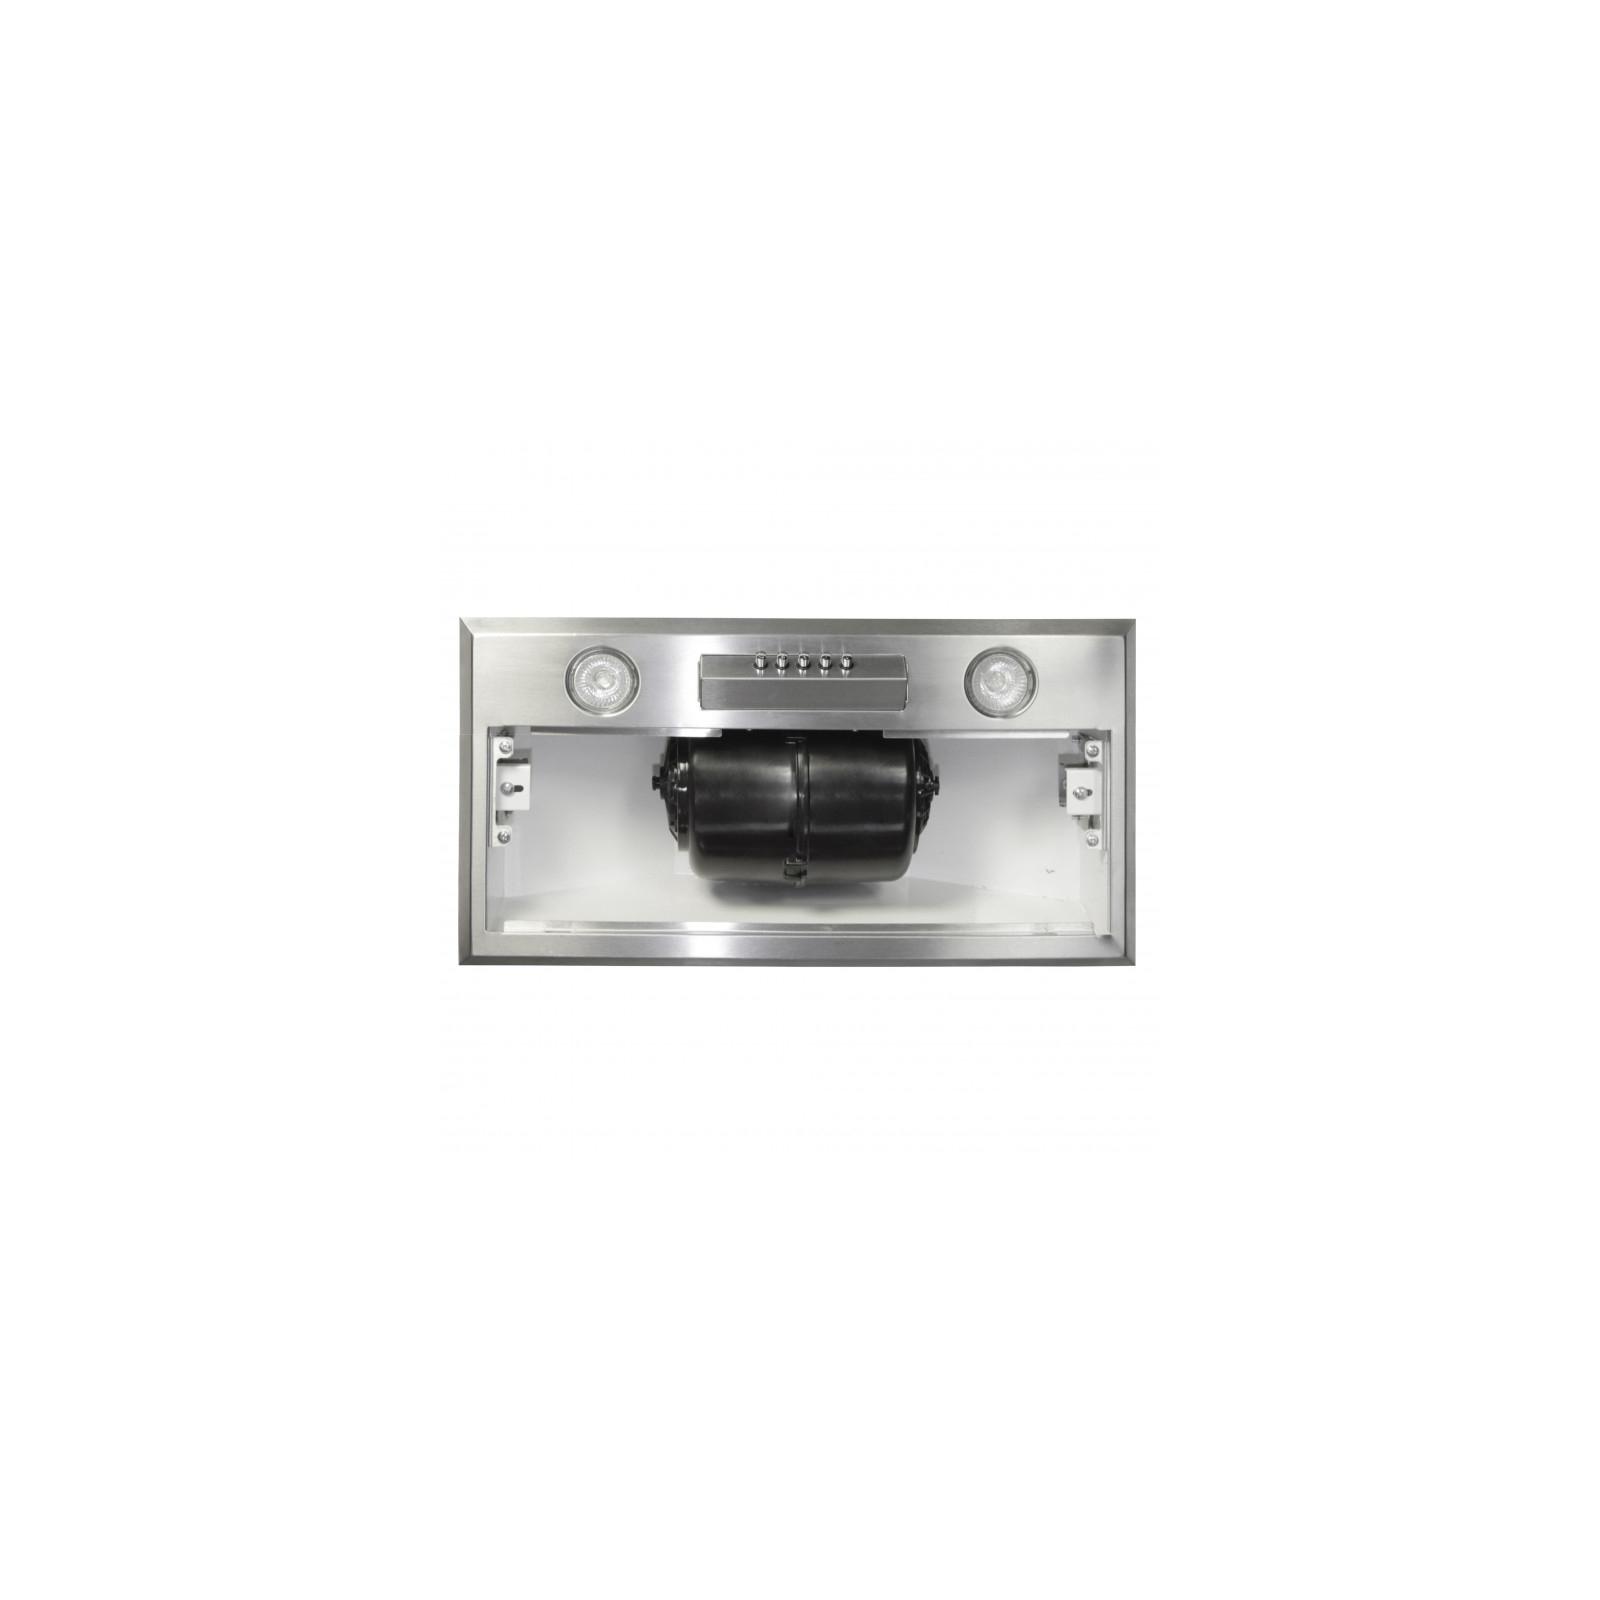 Вытяжка кухонная Eleyus Modul 700 52 IS изображение 7